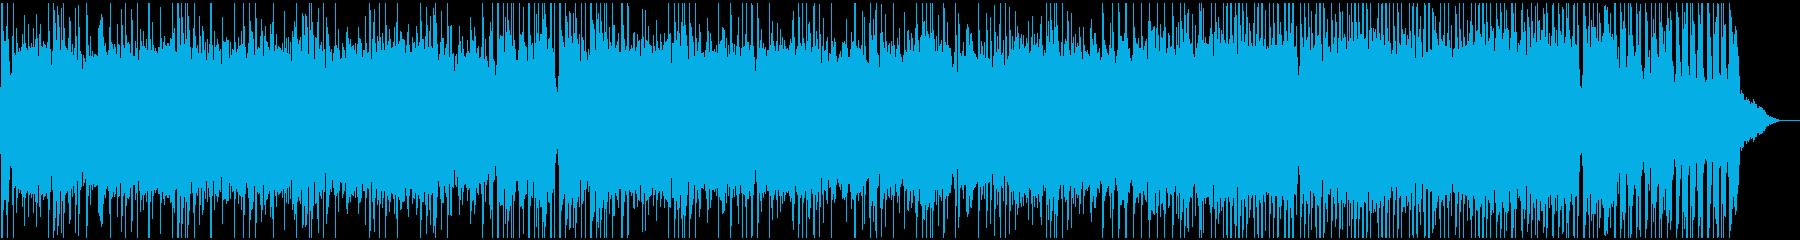 悪そうなハードロック2の再生済みの波形